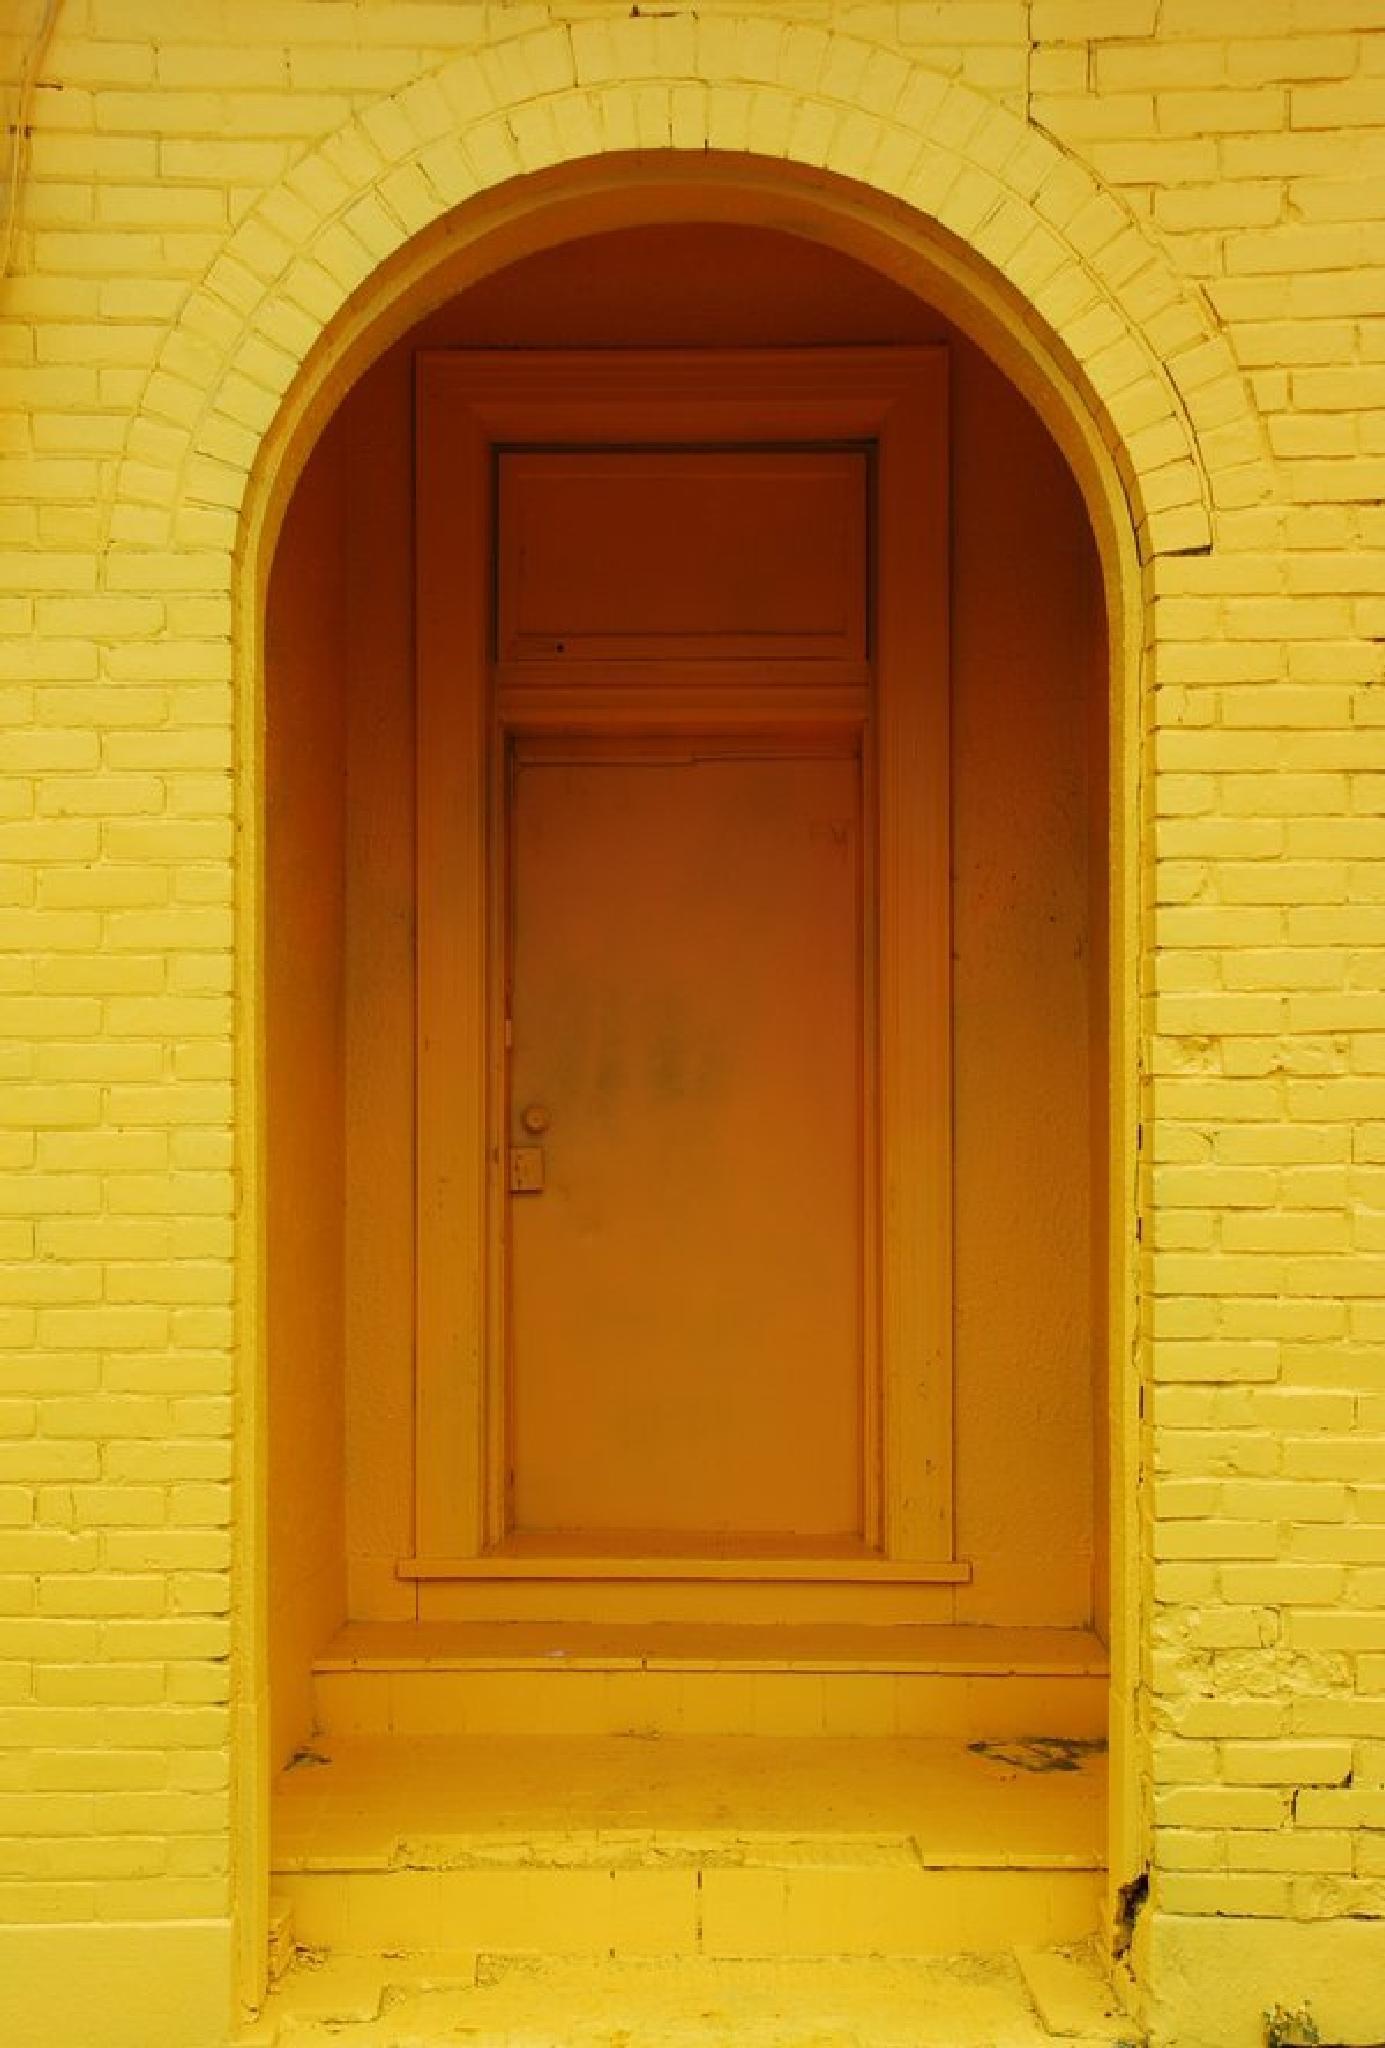 A Yellow Door by Benoit Aubry